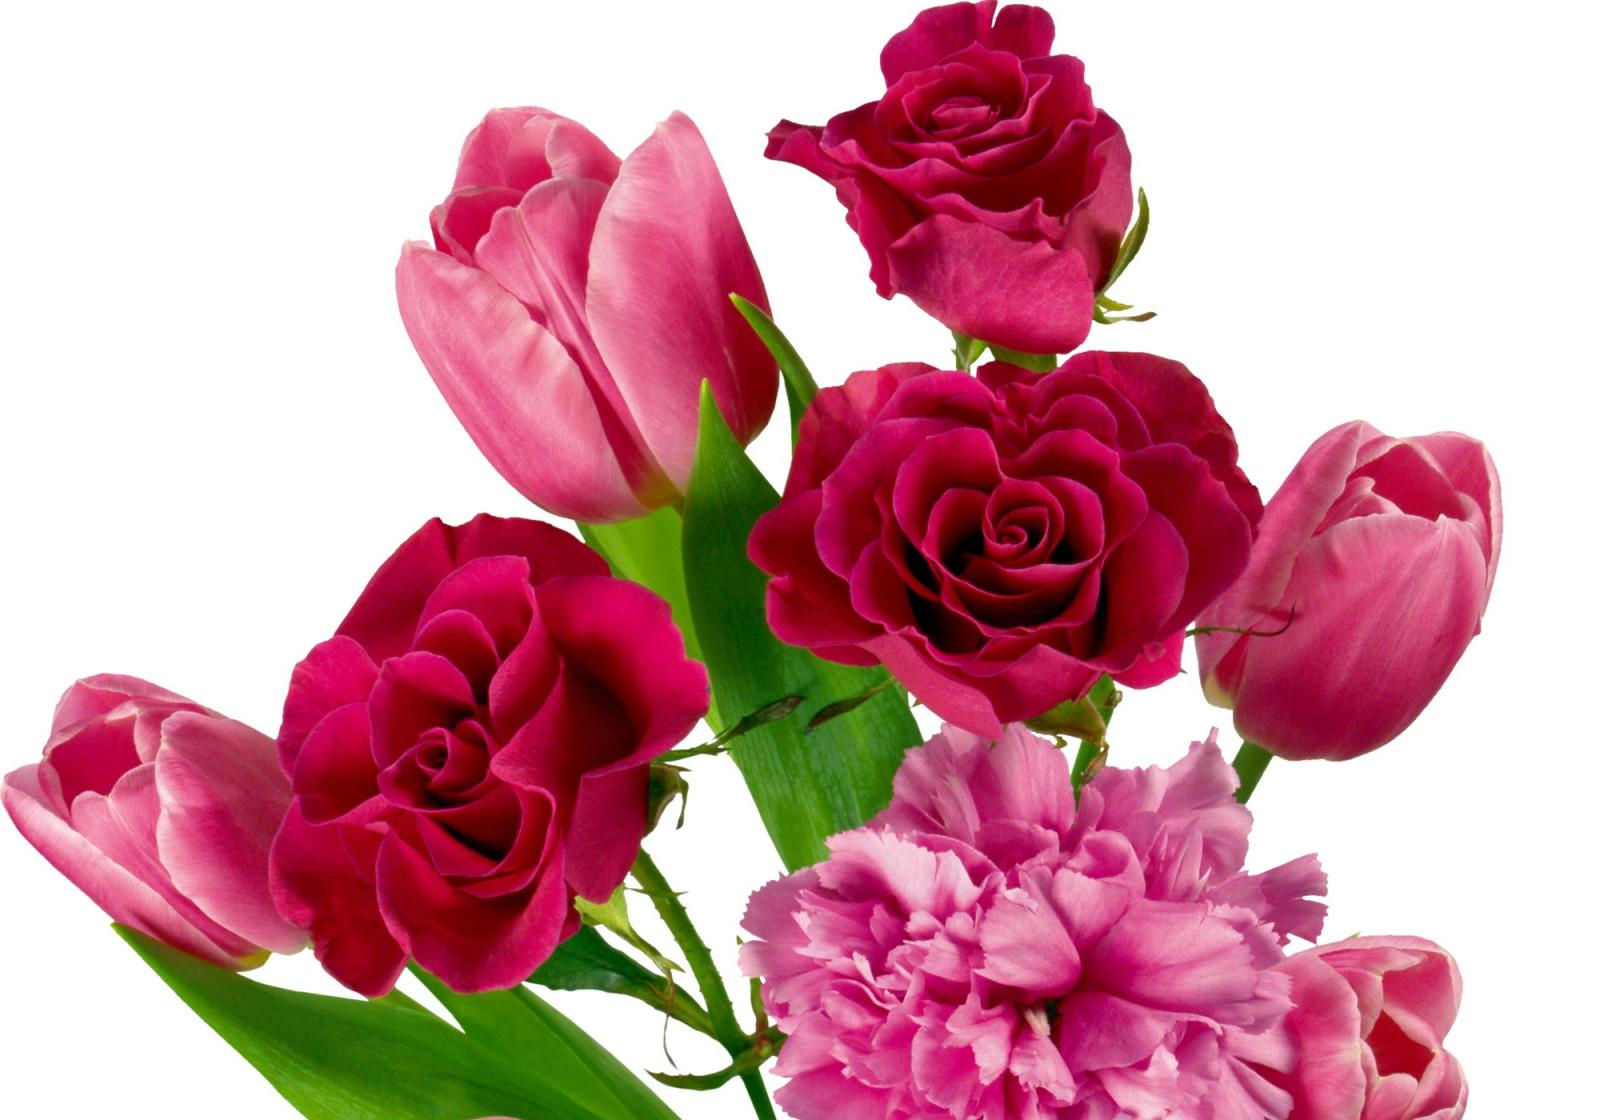 Днем, картинки цветов тюльпанов и роз